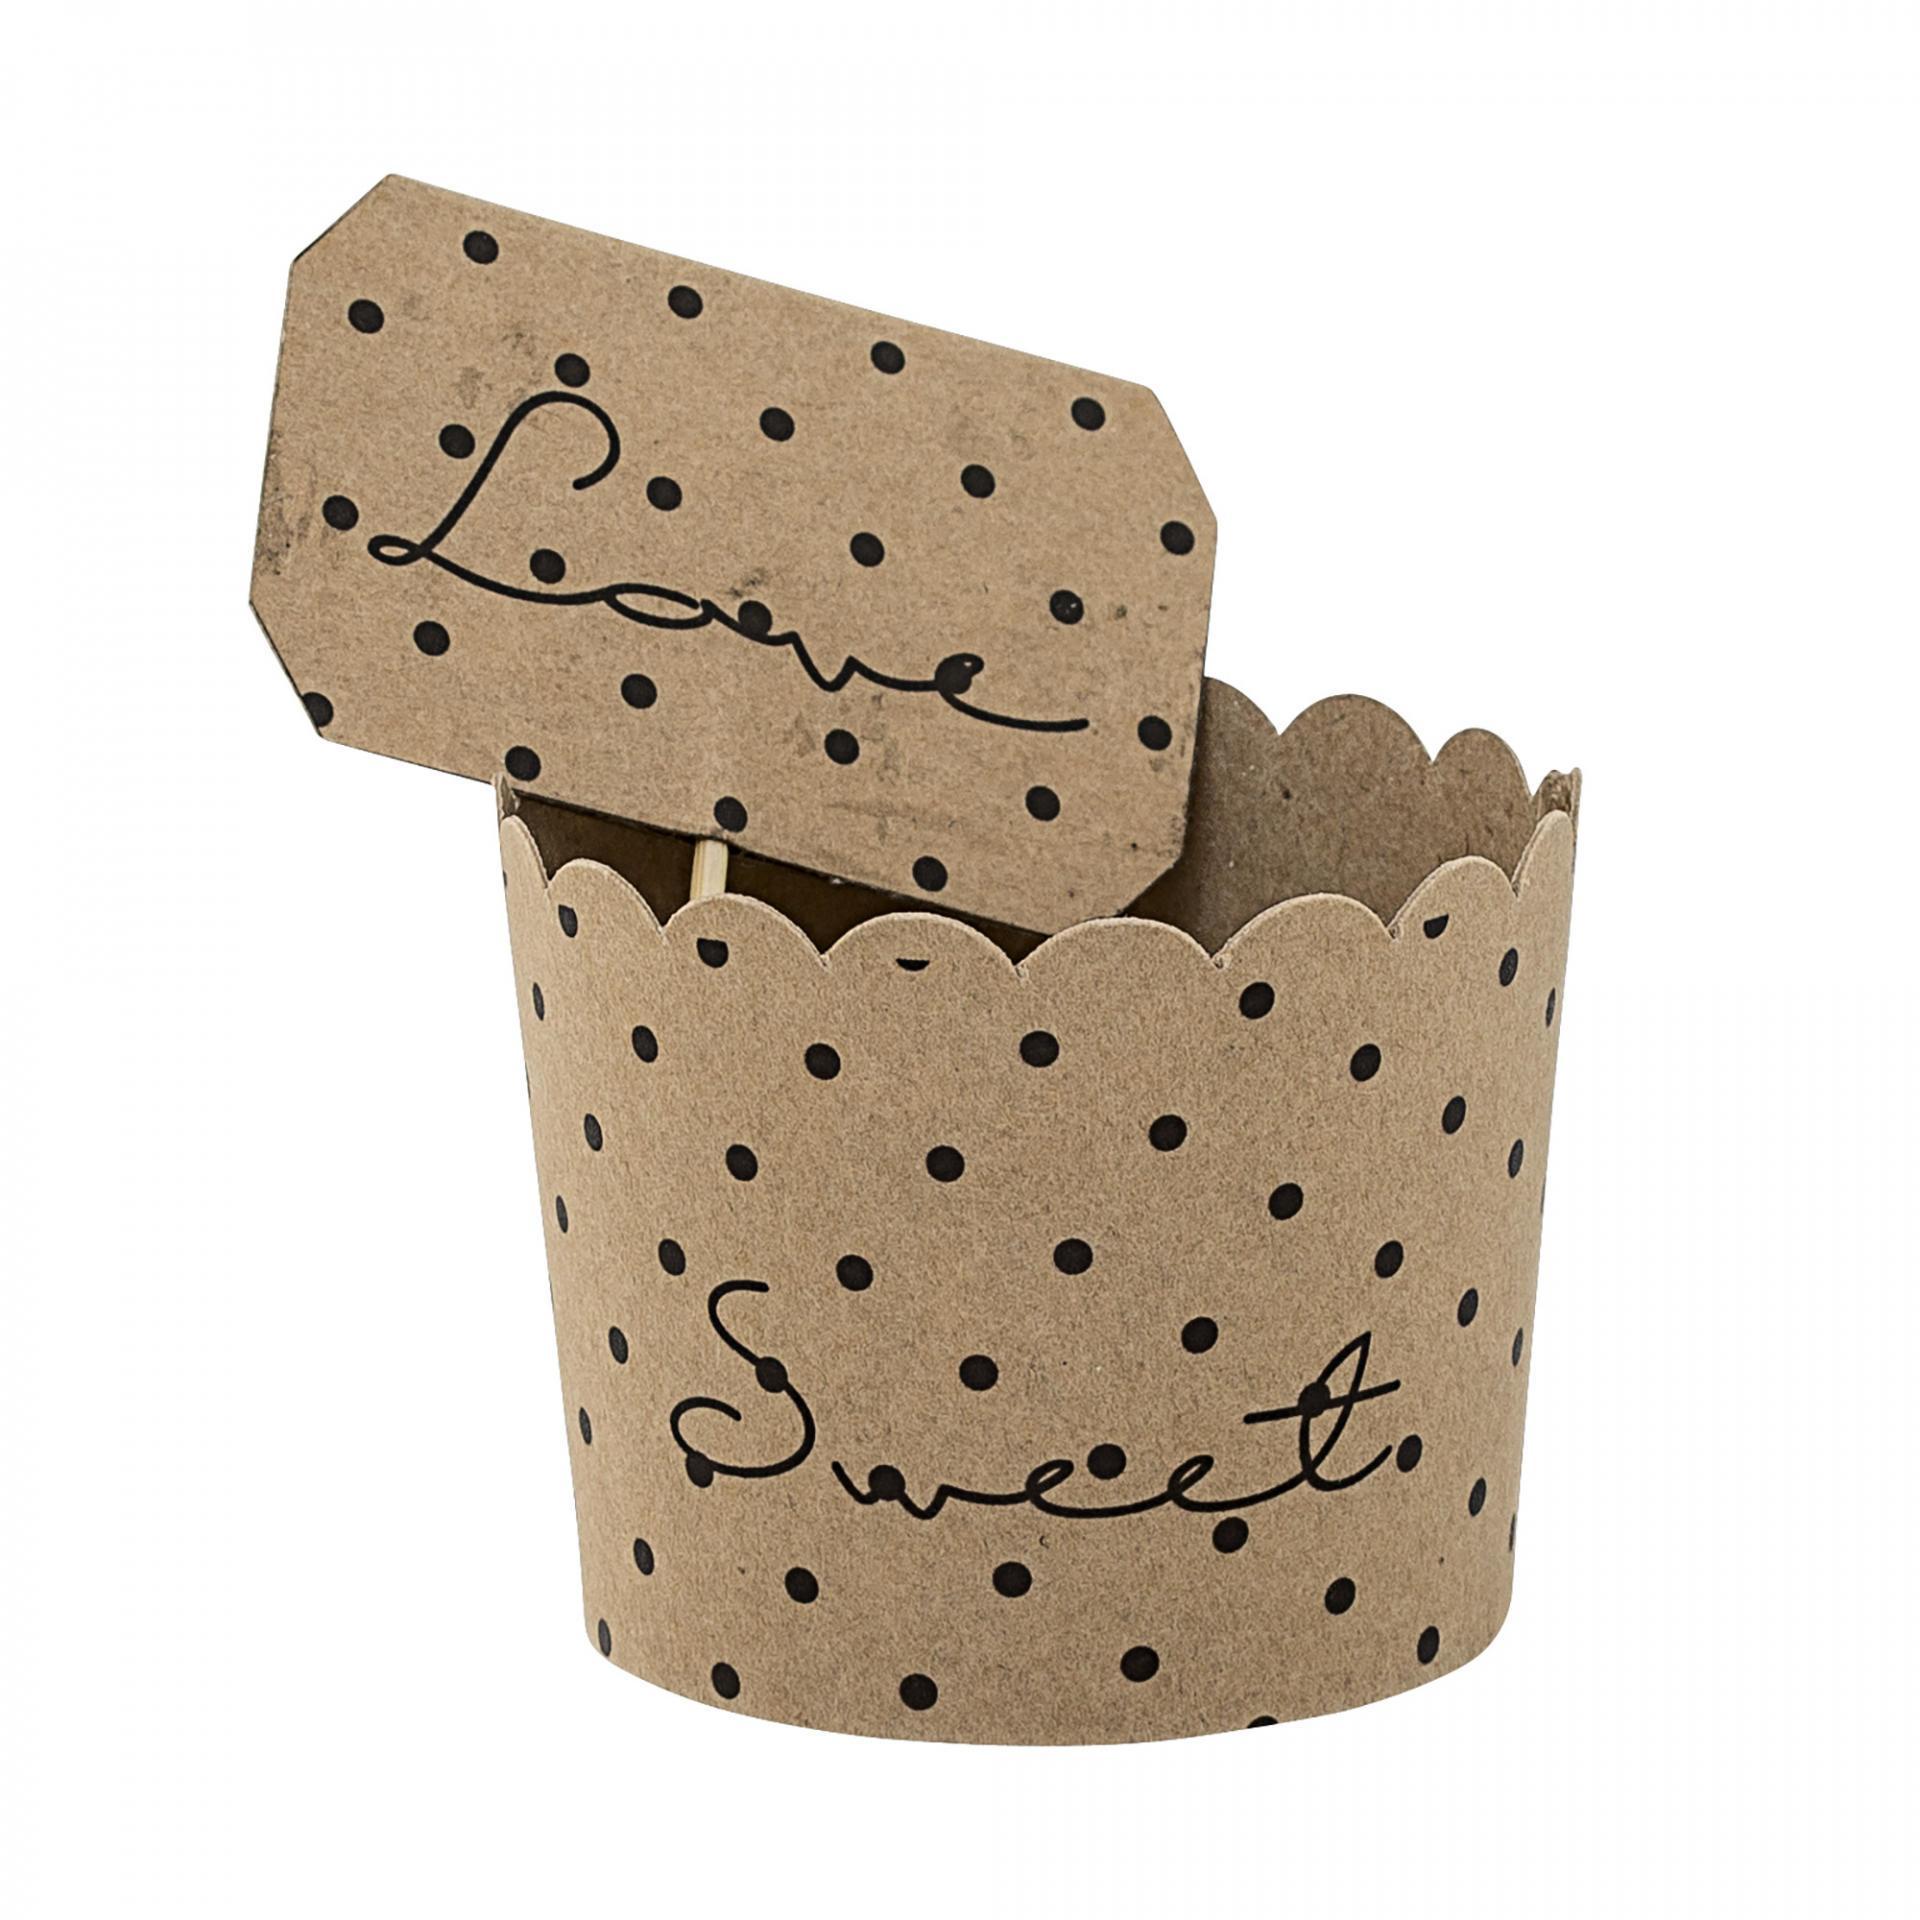 Bloomingville Papírové košíčky na muffiny - 8 ks, hnědá barva, papír